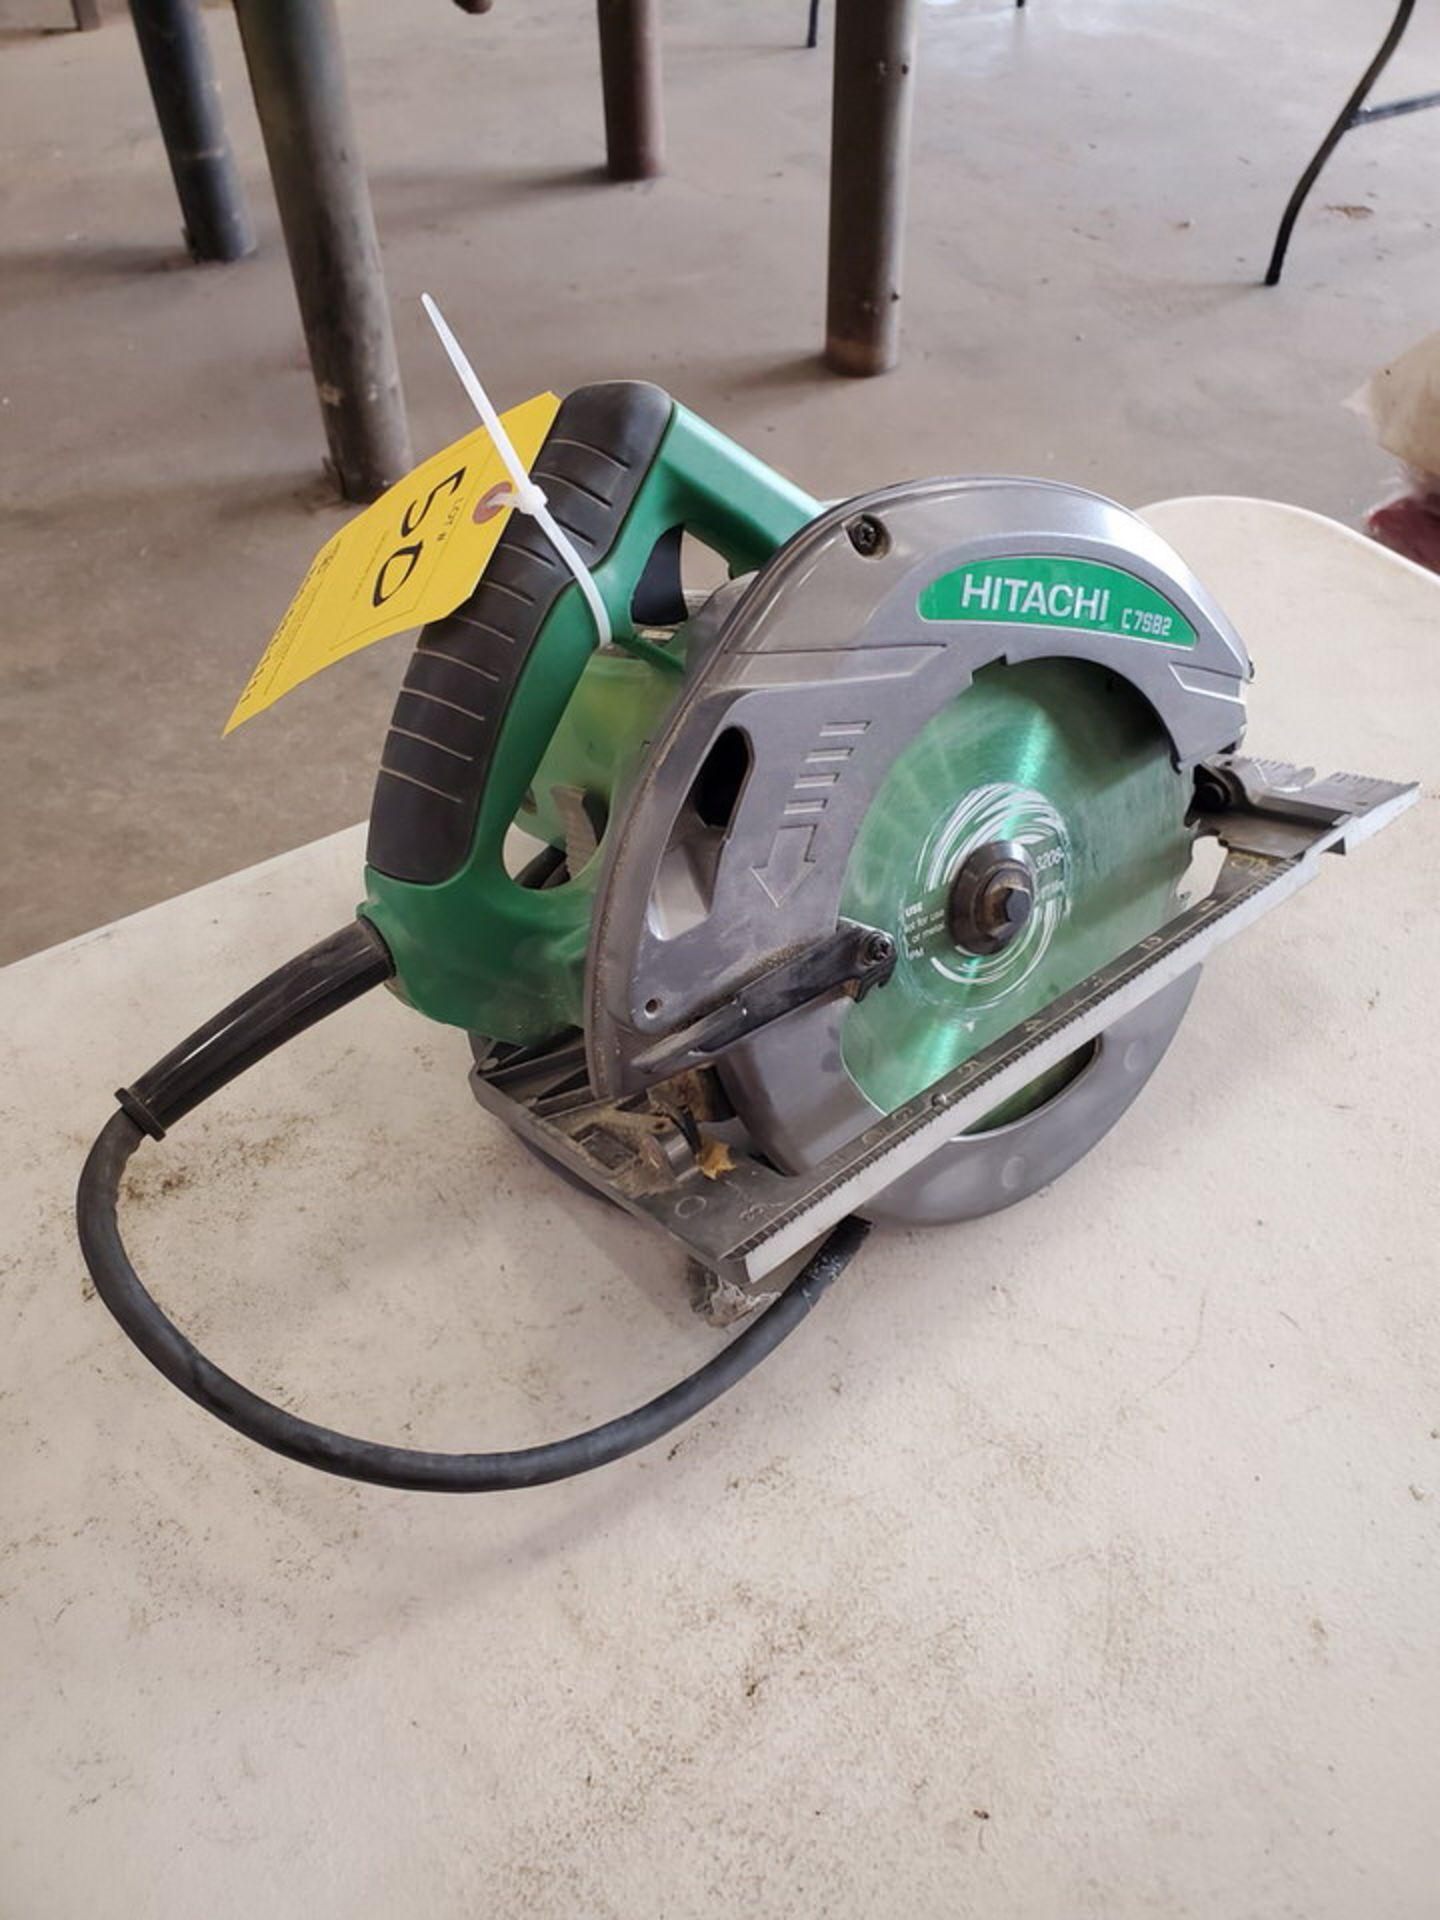 """Hitachi 7-1/4"""" Circular Saw 120V, 15A, 60HZ, 5800RPM - Image 2 of 4"""